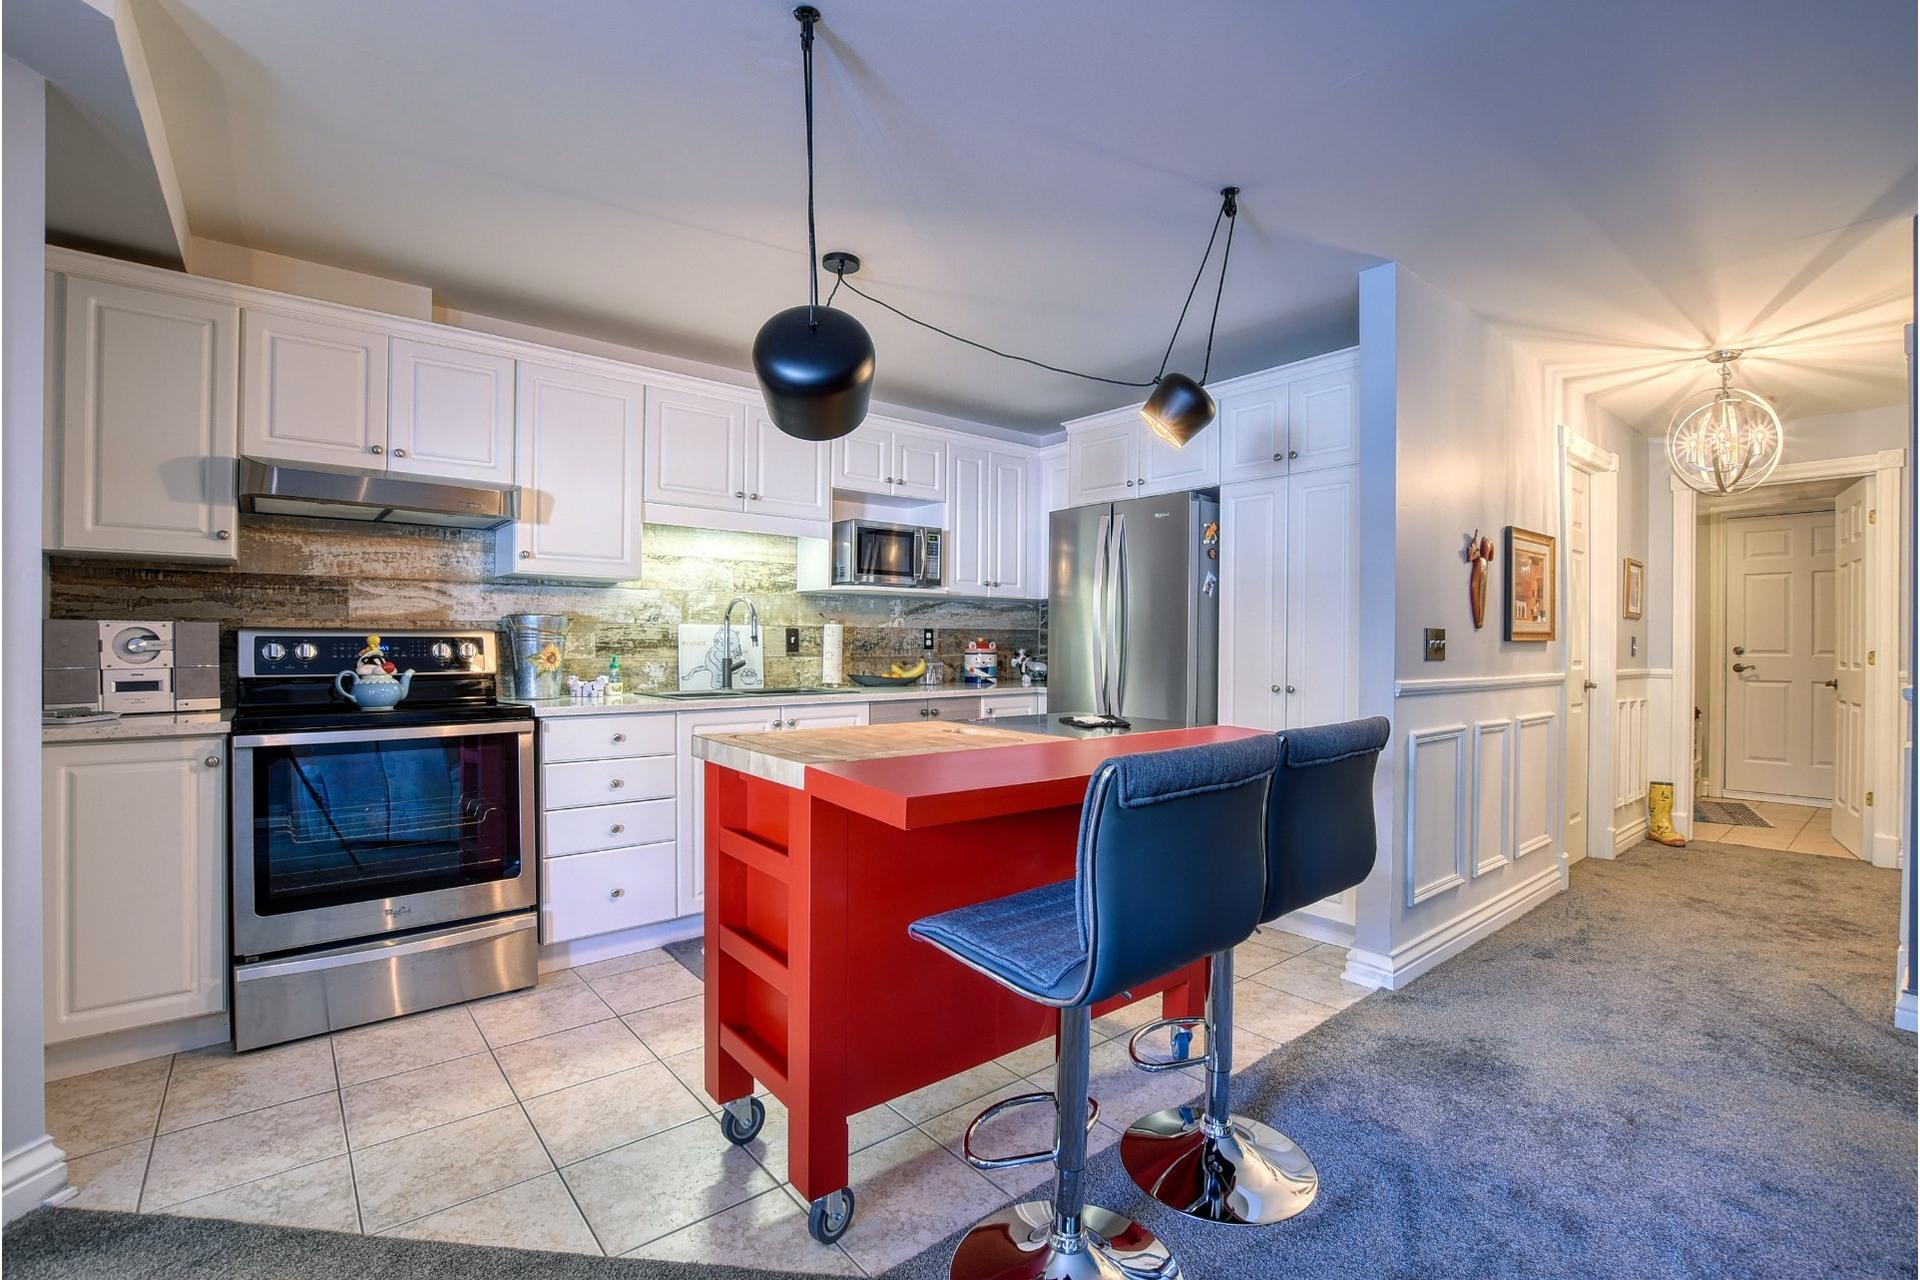 image 5 - Apartment For sale LaSalle Montréal  - 3 rooms